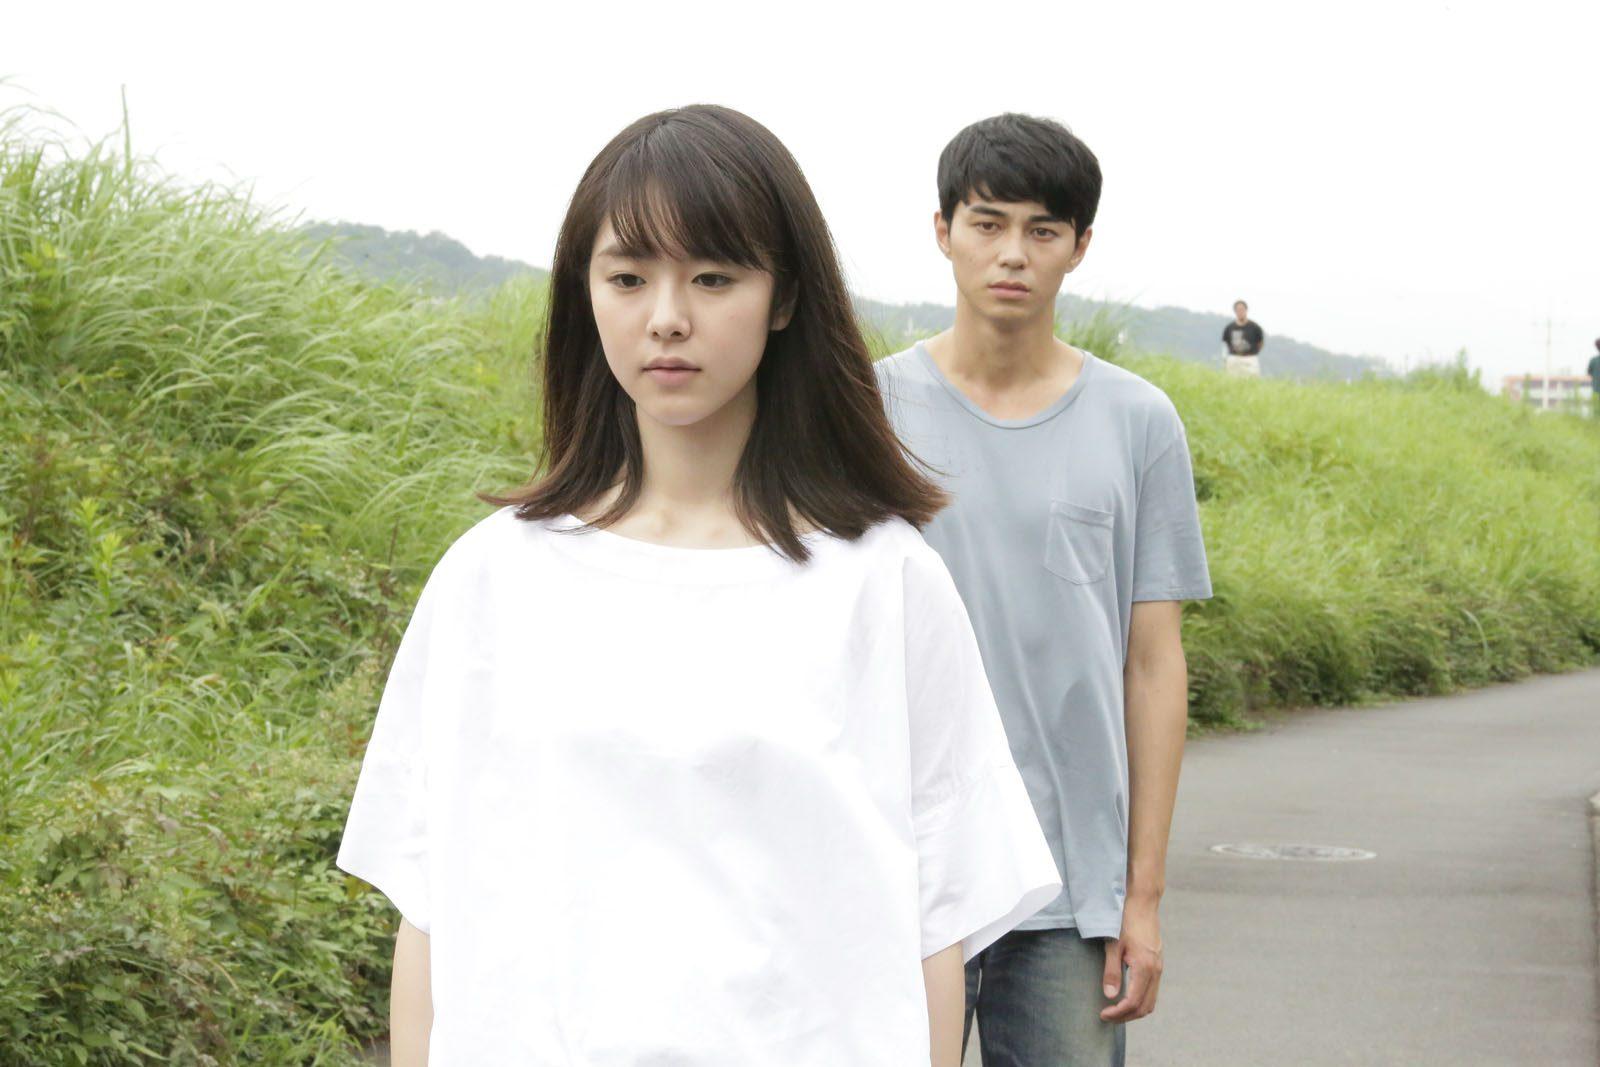 """Ryusuke Hamaguchi (Asako 1 et 2) : """"Il est nécessaire de dépeindre la société du point de vue des femmes"""""""